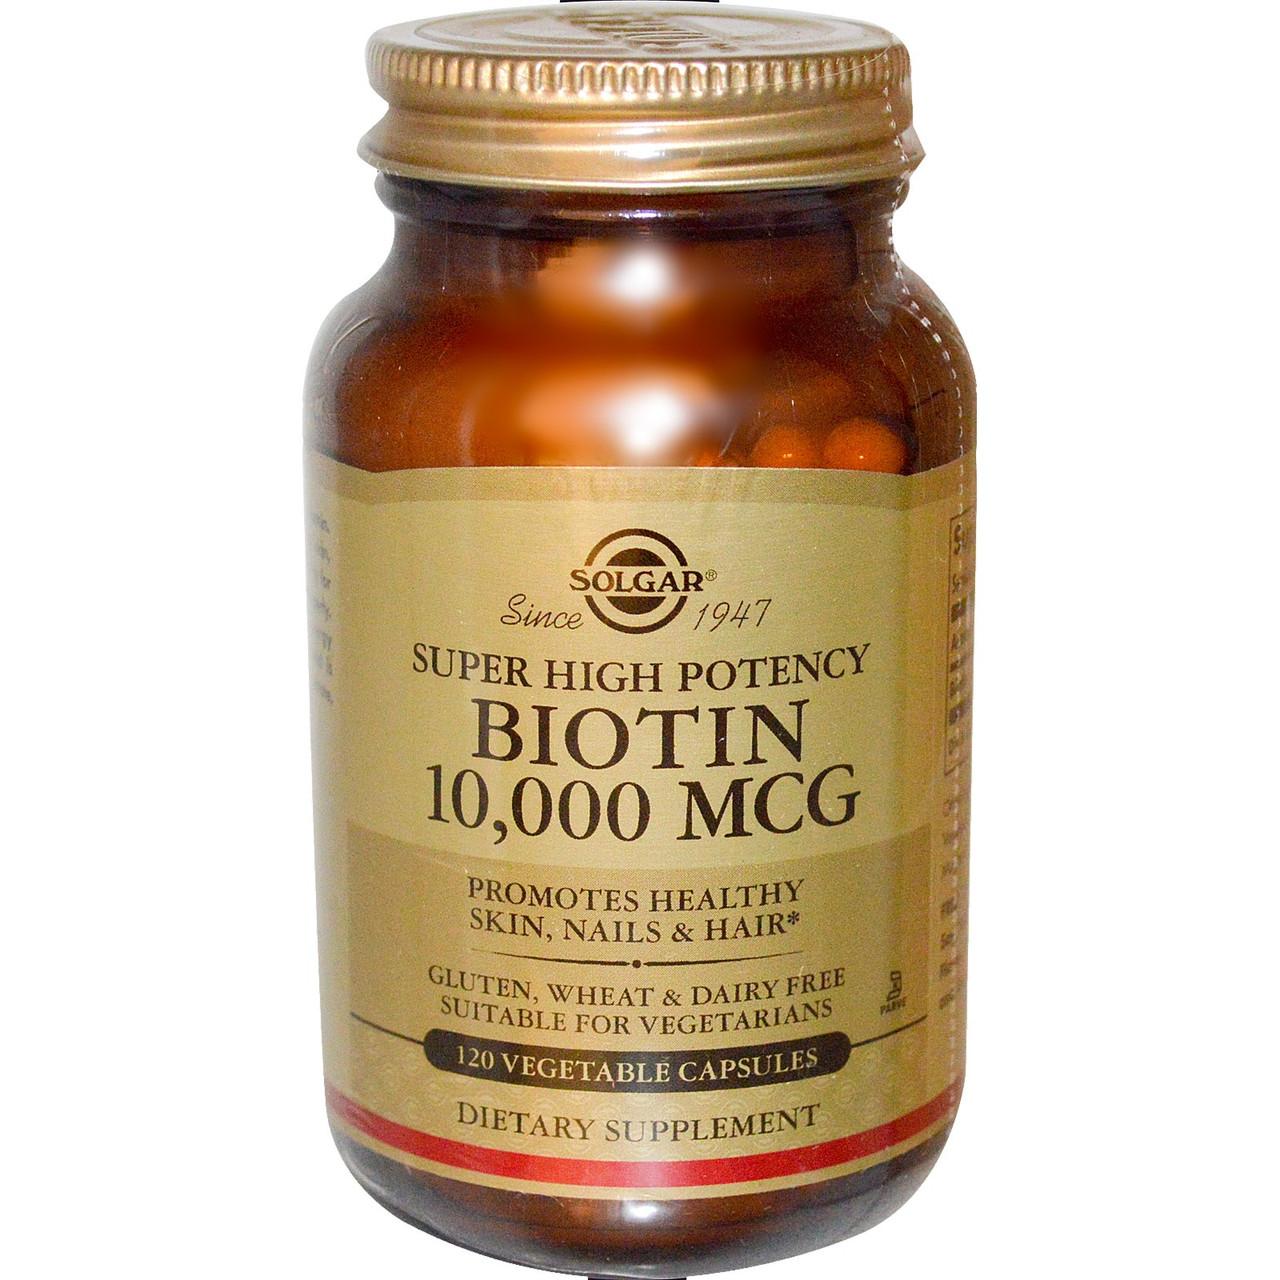 Биотин Solgar, высокоэффективный, 10 000 мкг, 120 капсул